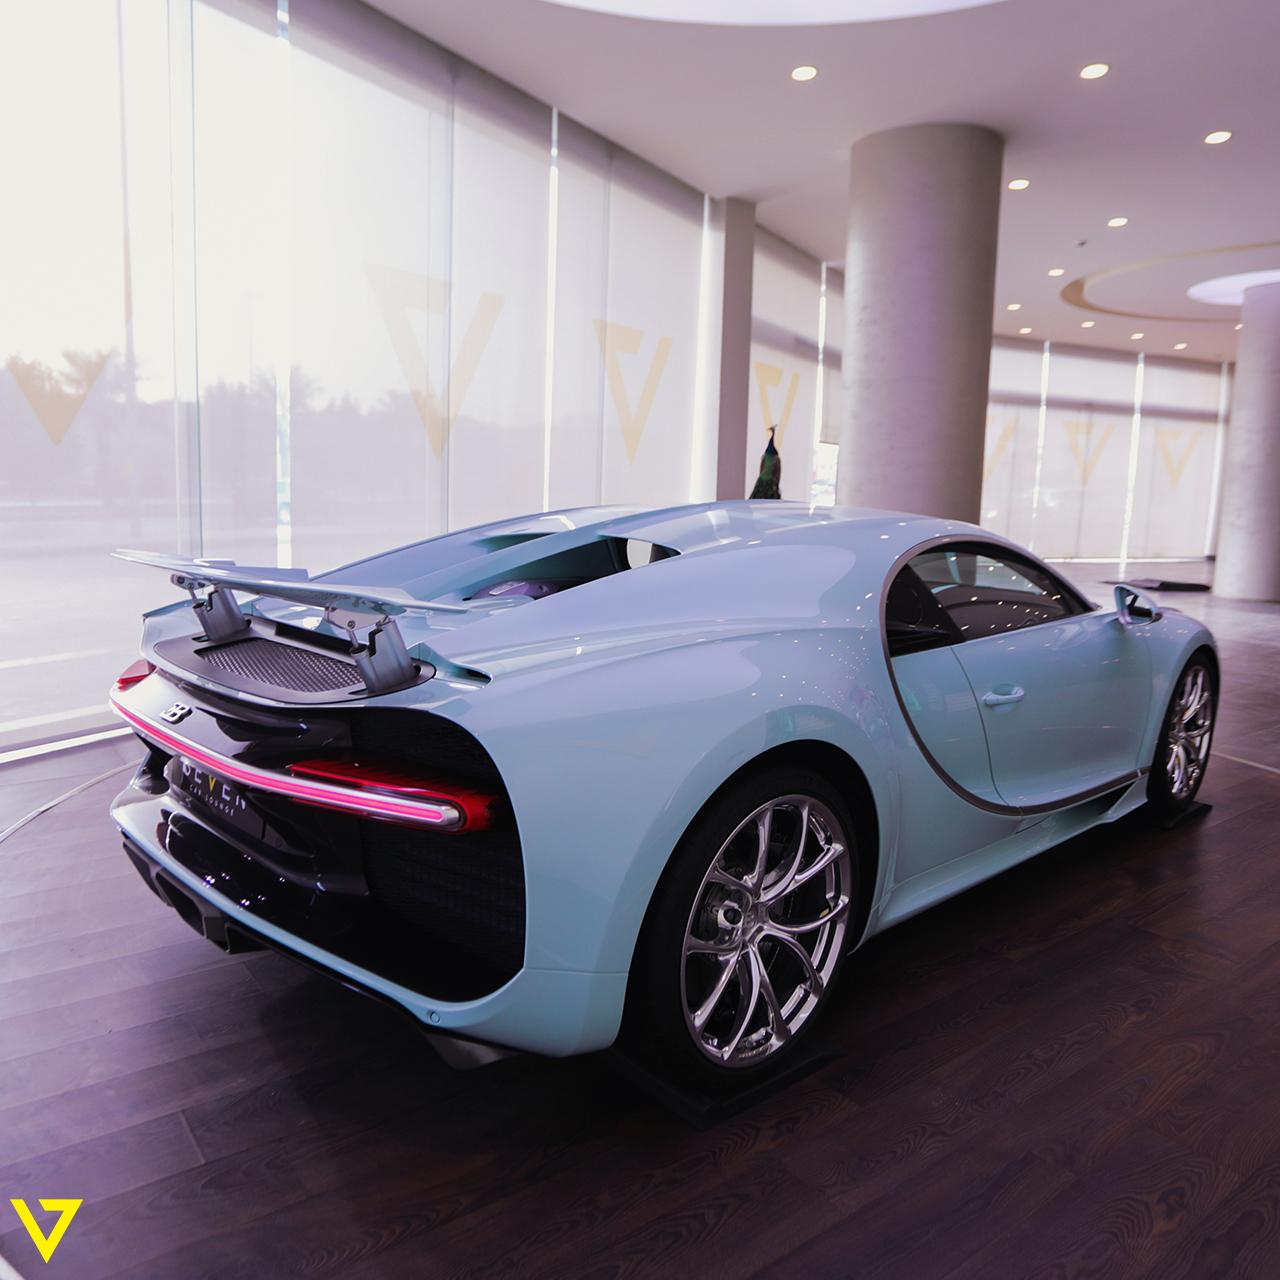 Bugatti Chiron Price: 1 OF 1 BUGATTI CHIRON